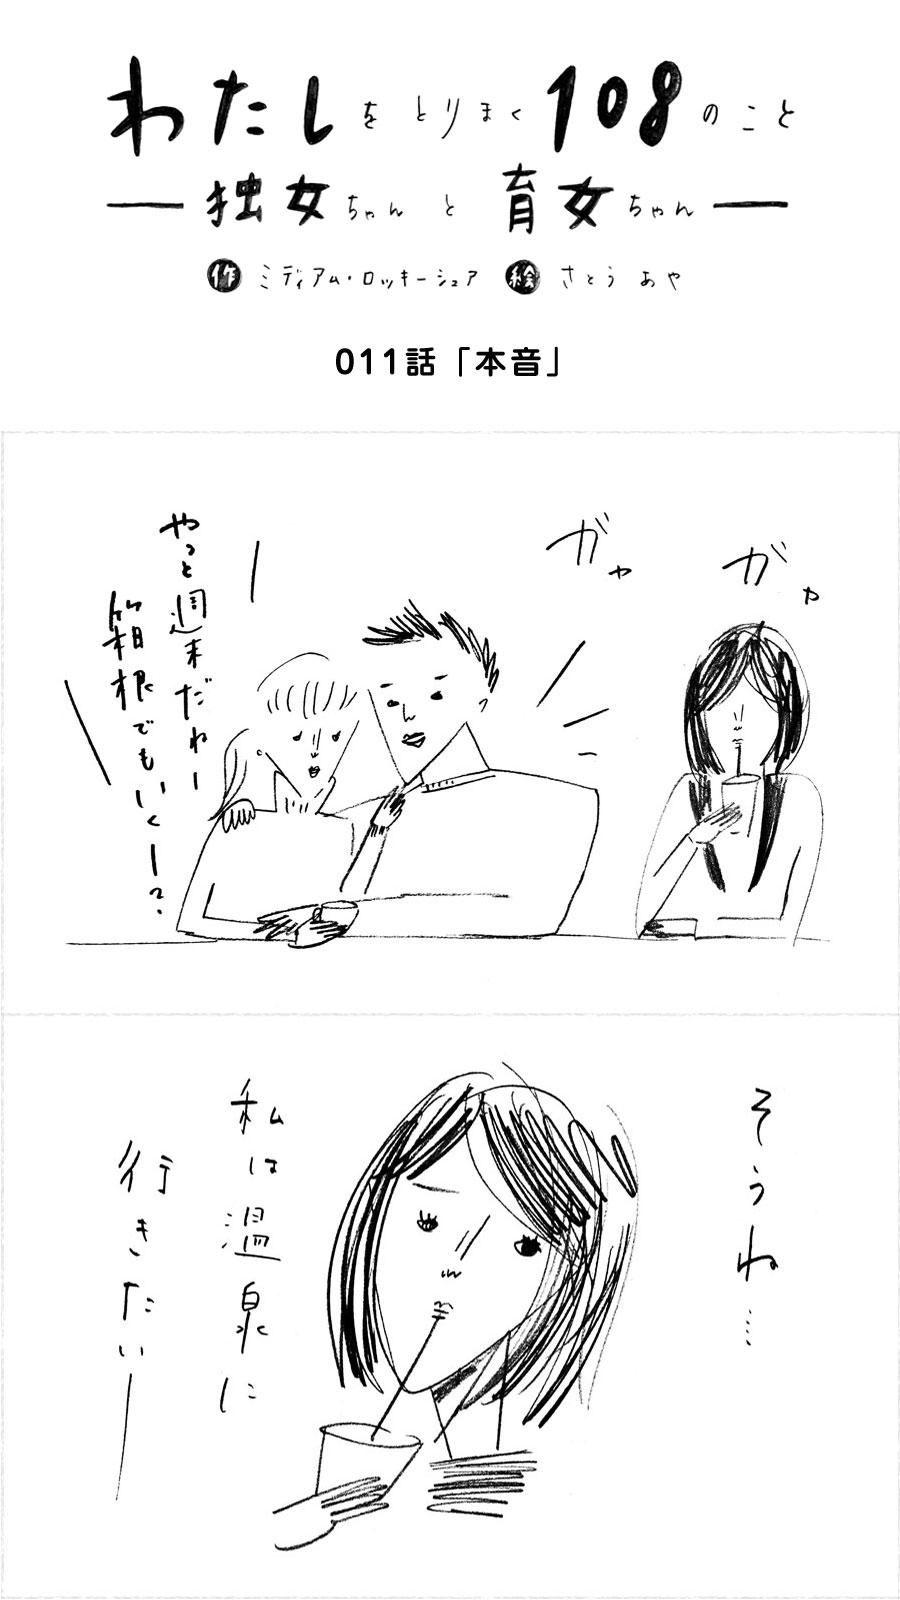 011_独女ちゃん_本音_002